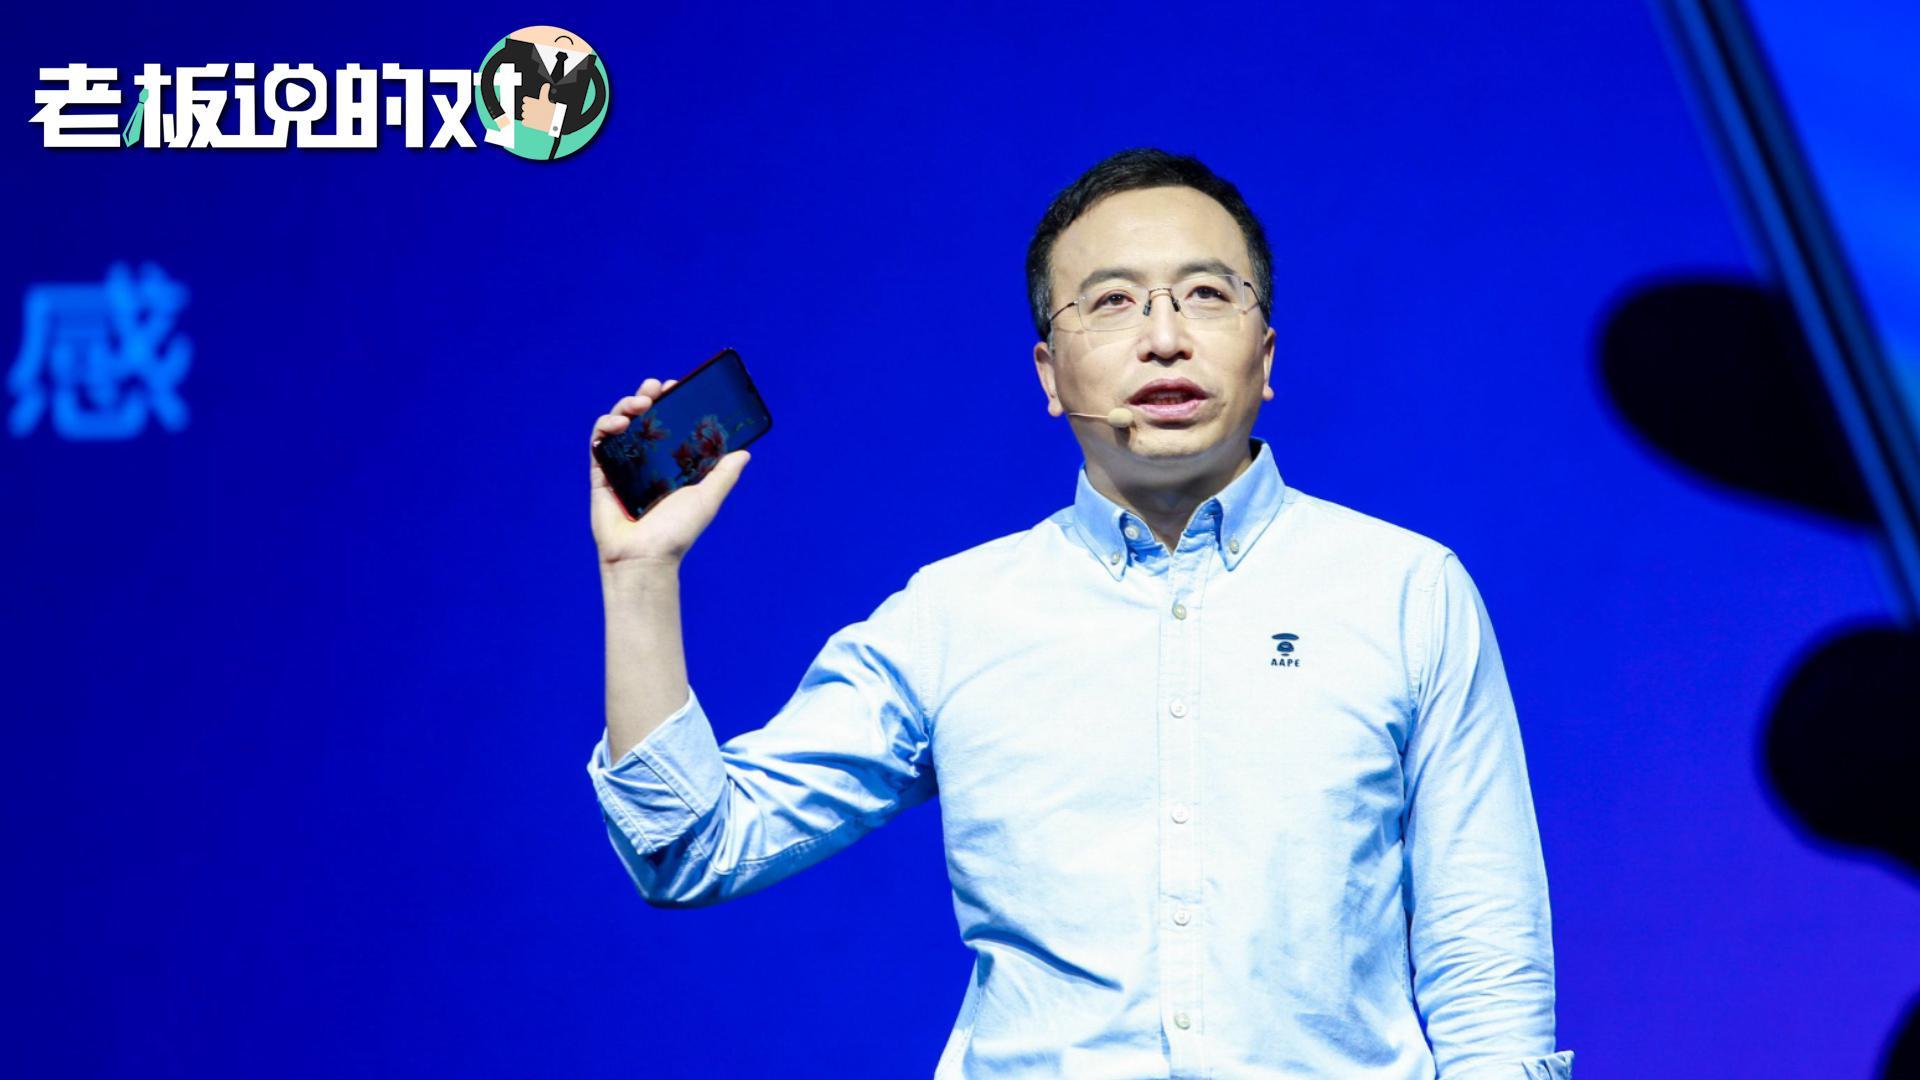 """赵明""""喊话""""友商:有责任告知用户""""所购买5G手机是否全网通"""""""